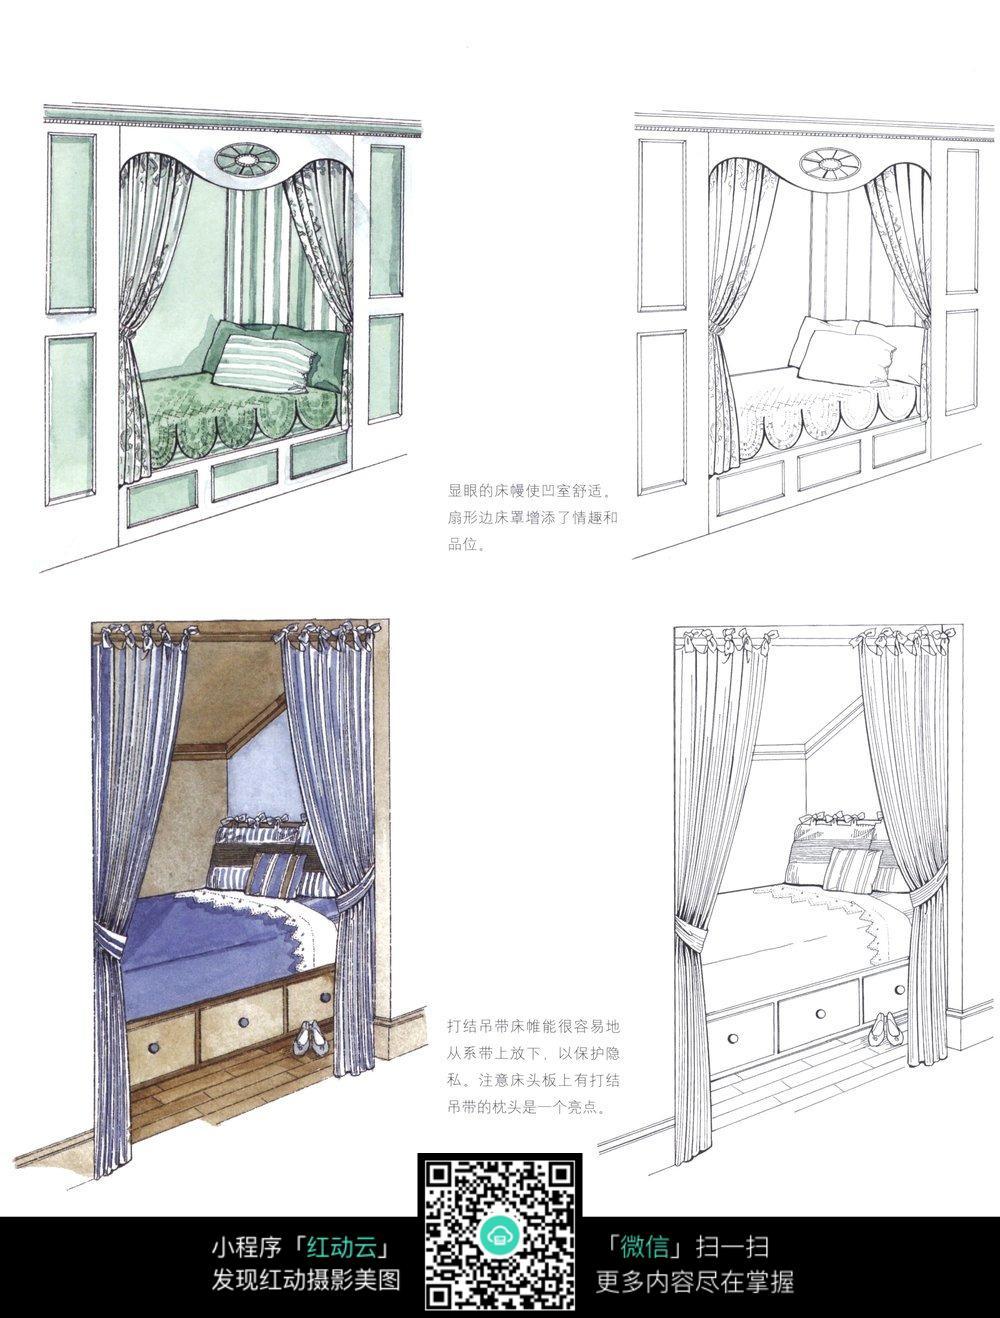 内嵌式床设计图图片